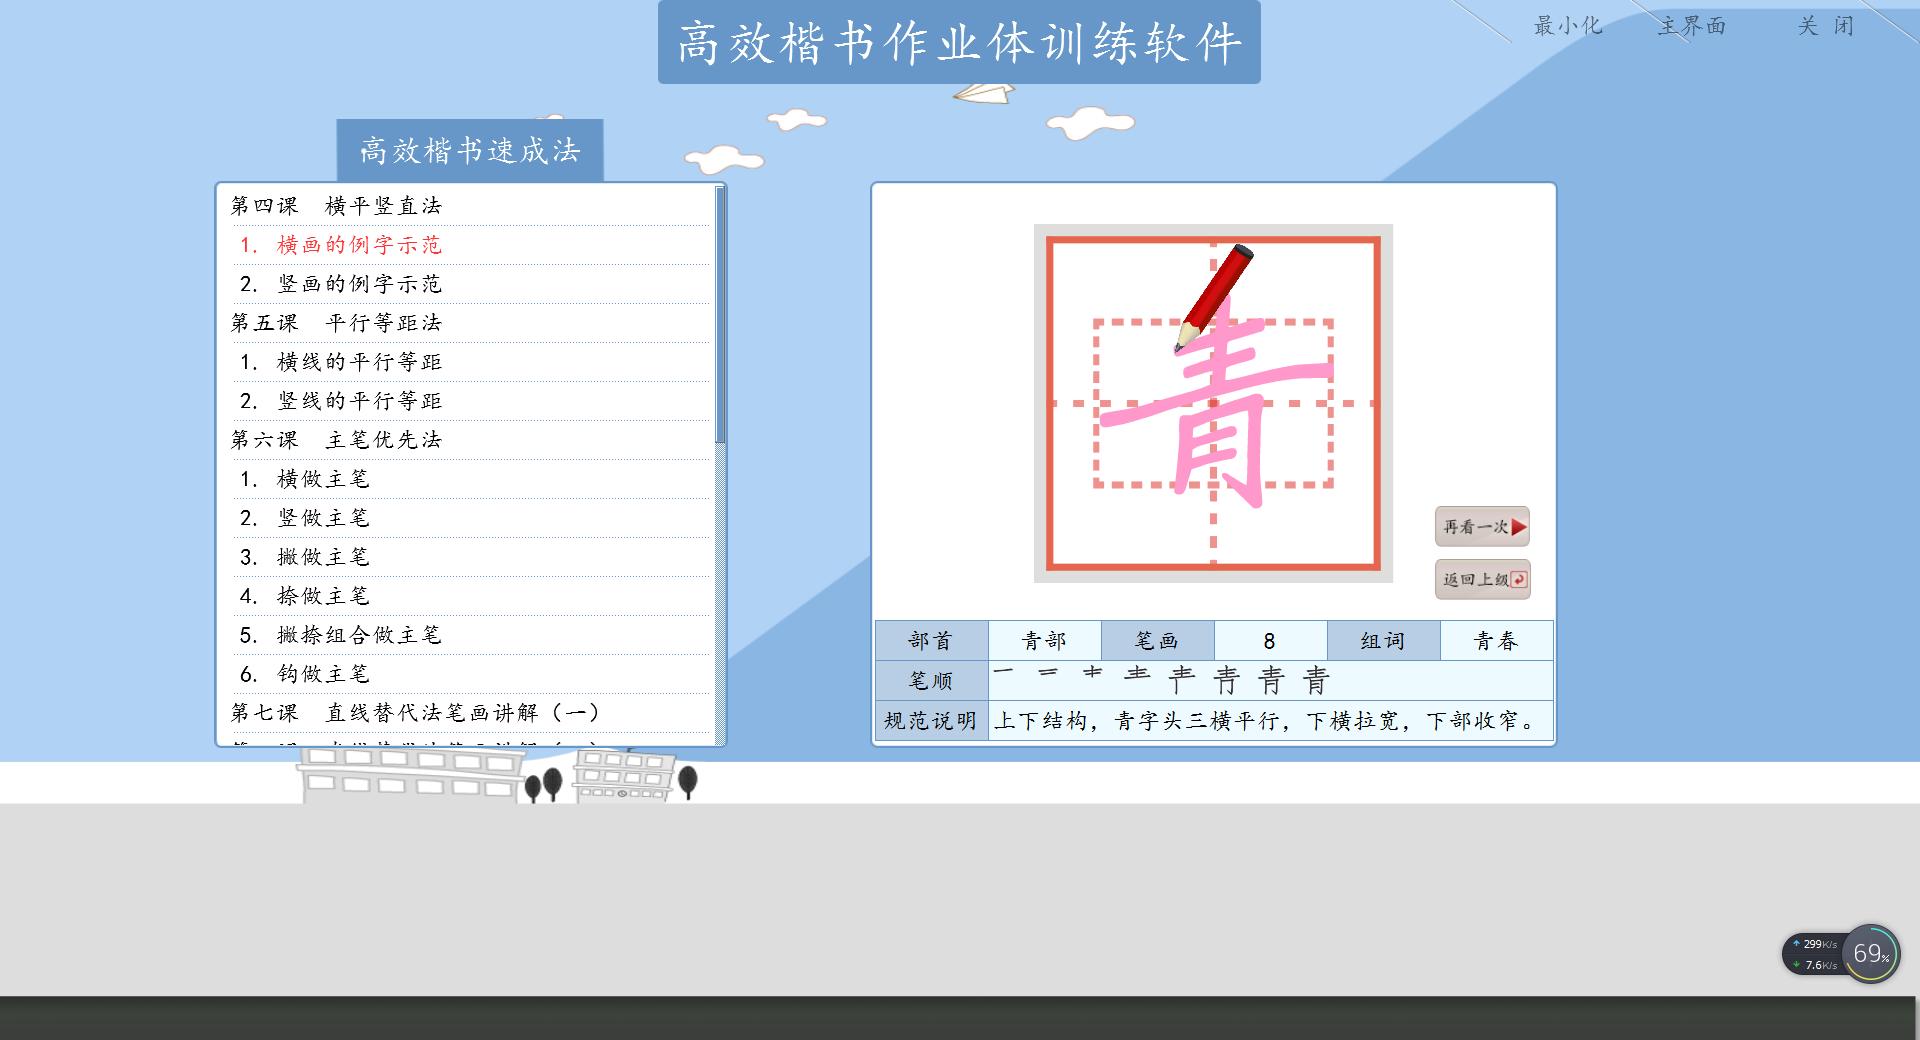 高效楷书作业体同步训练软件(一年级)截图1